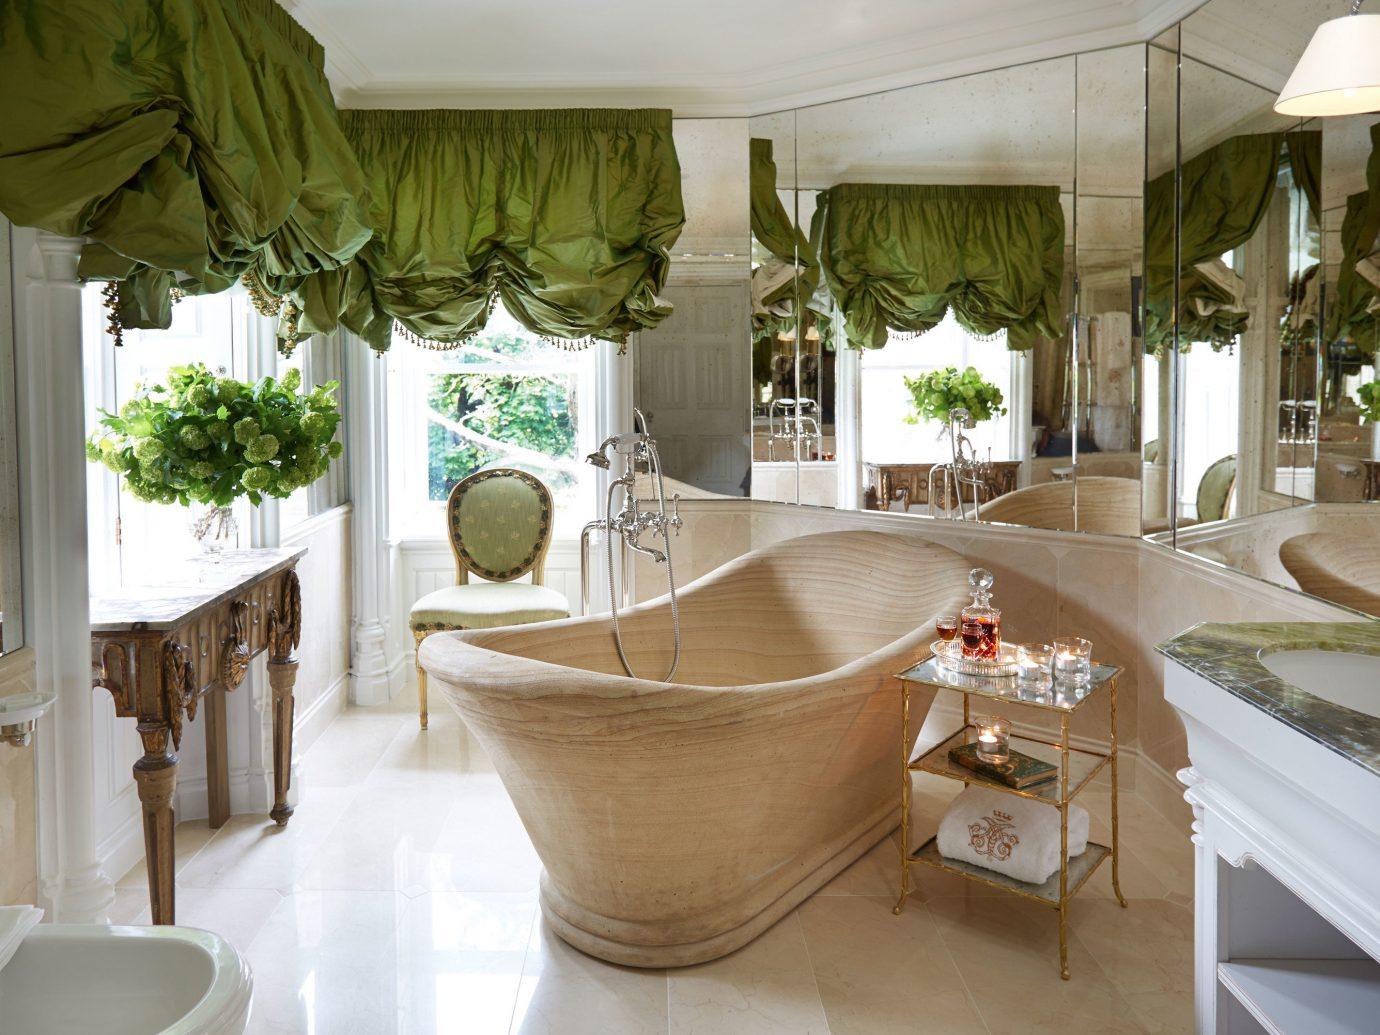 Hotels indoor room property estate home interior design Design restaurant Villa Suite bathroom Resort mansion dining room condominium apartment furniture tub Bath